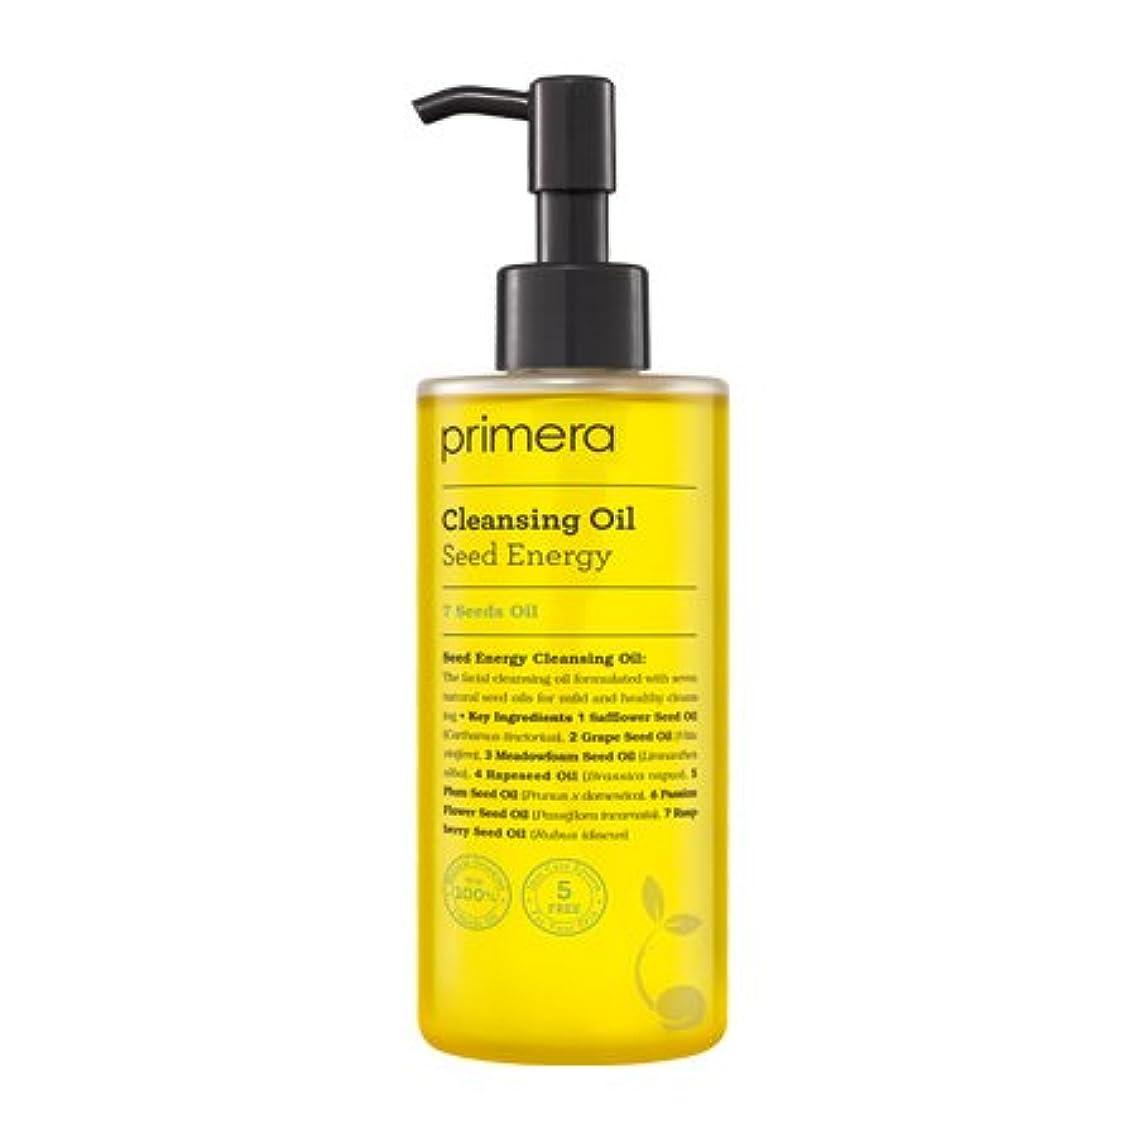 コークスパイプ敬意を表するPRIMERA プリメラ シードエナジークレンジングオイル(Seed Energy Cleansing Oil)150ml